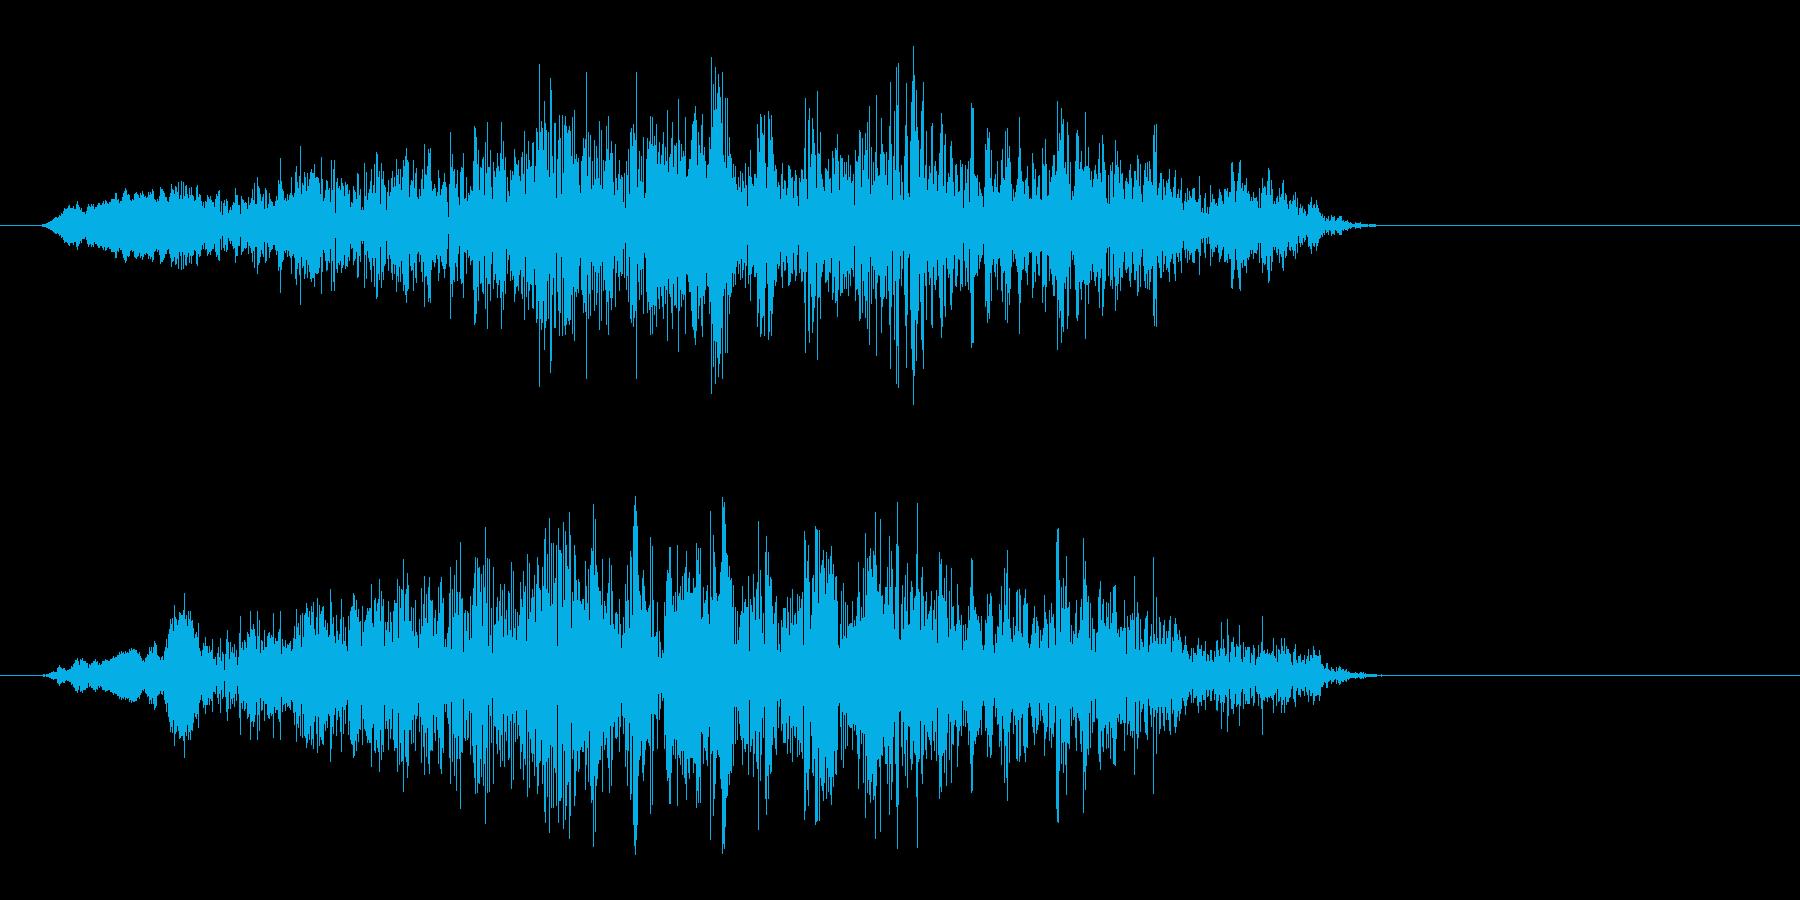 シュ〜イ(勢いよく削る音)の再生済みの波形